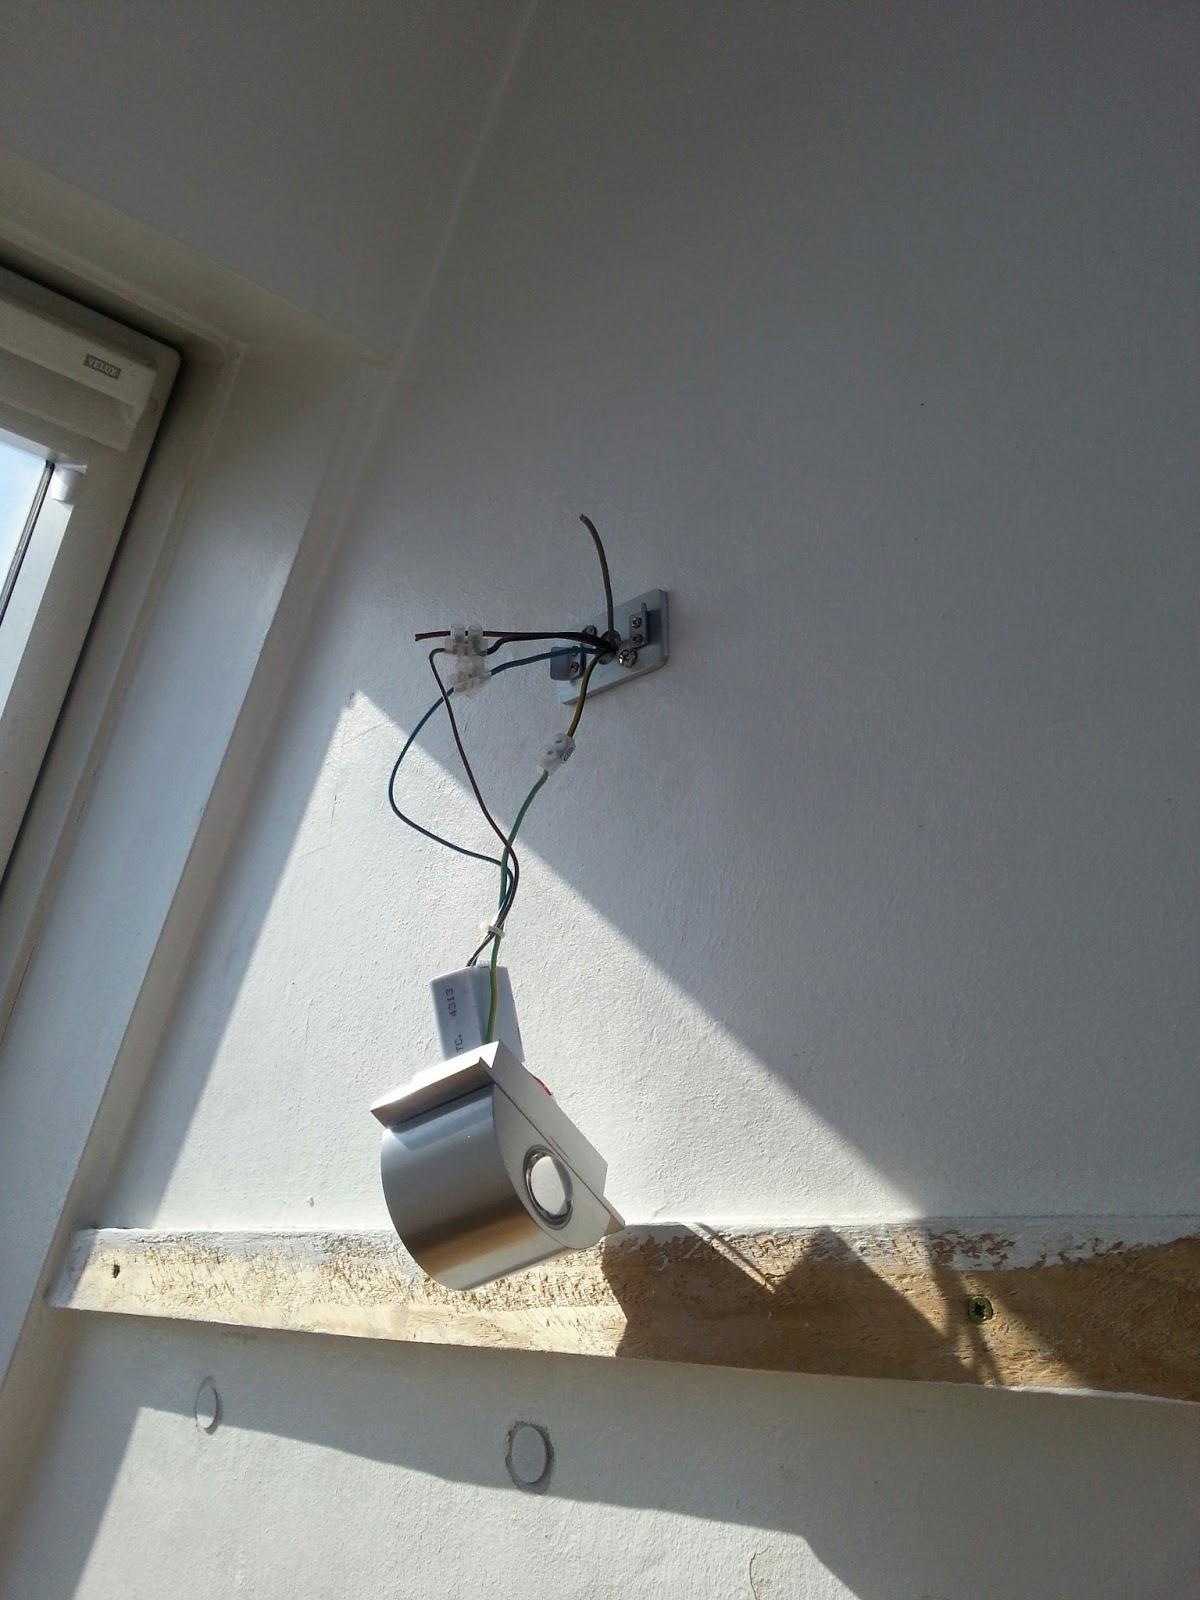 mopsis baublog zweite treppenlampe brennt auch. Black Bedroom Furniture Sets. Home Design Ideas